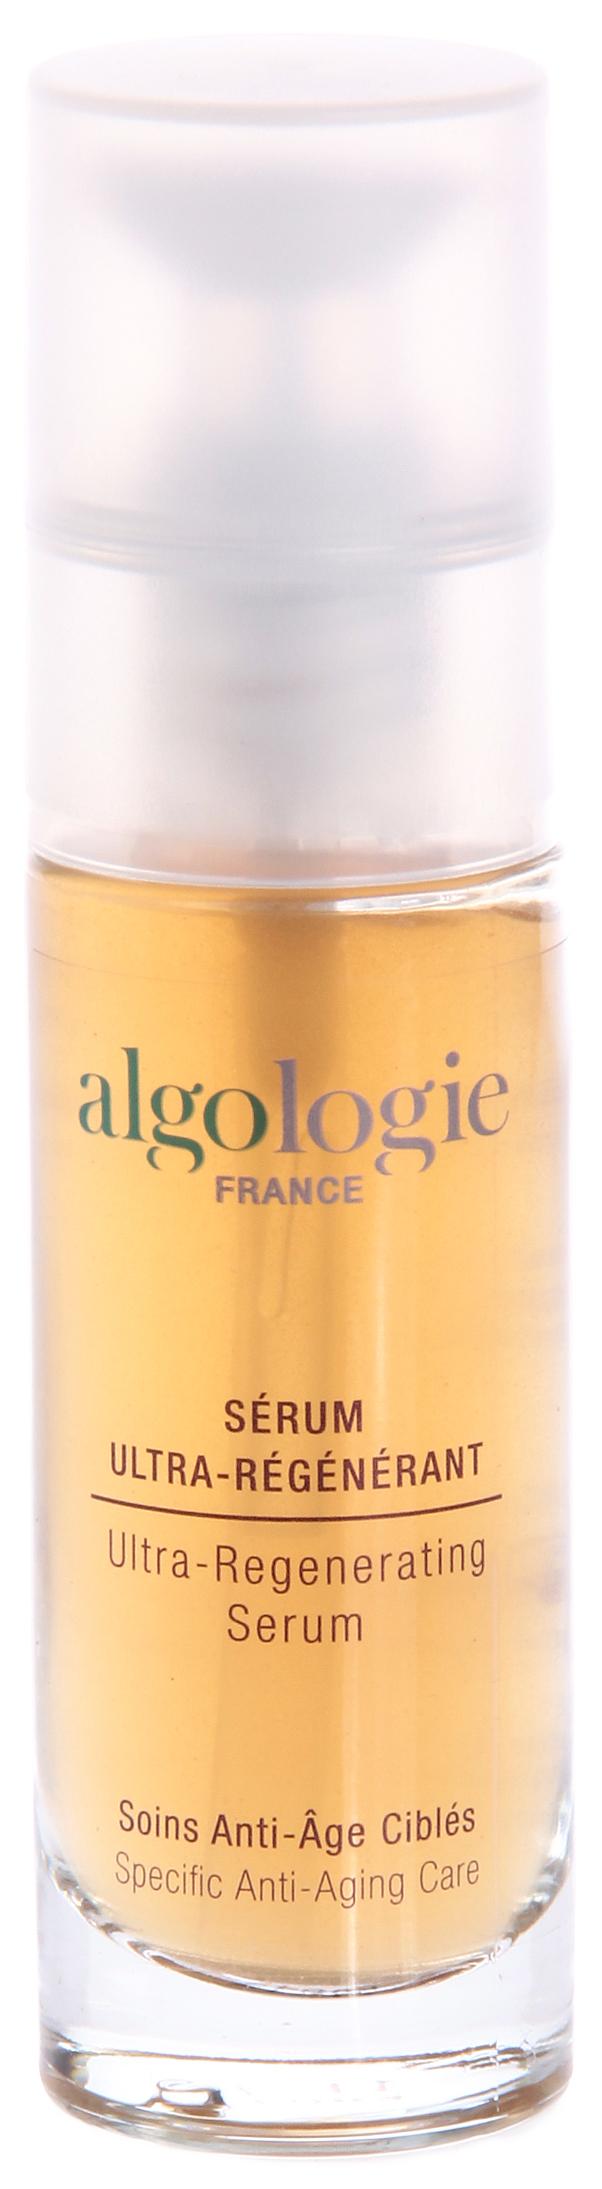 ALGOLOGIE Сыворотка ультра-регенерирующая 30 мл ультра регенерирующая сыворотка 30 мл algologie